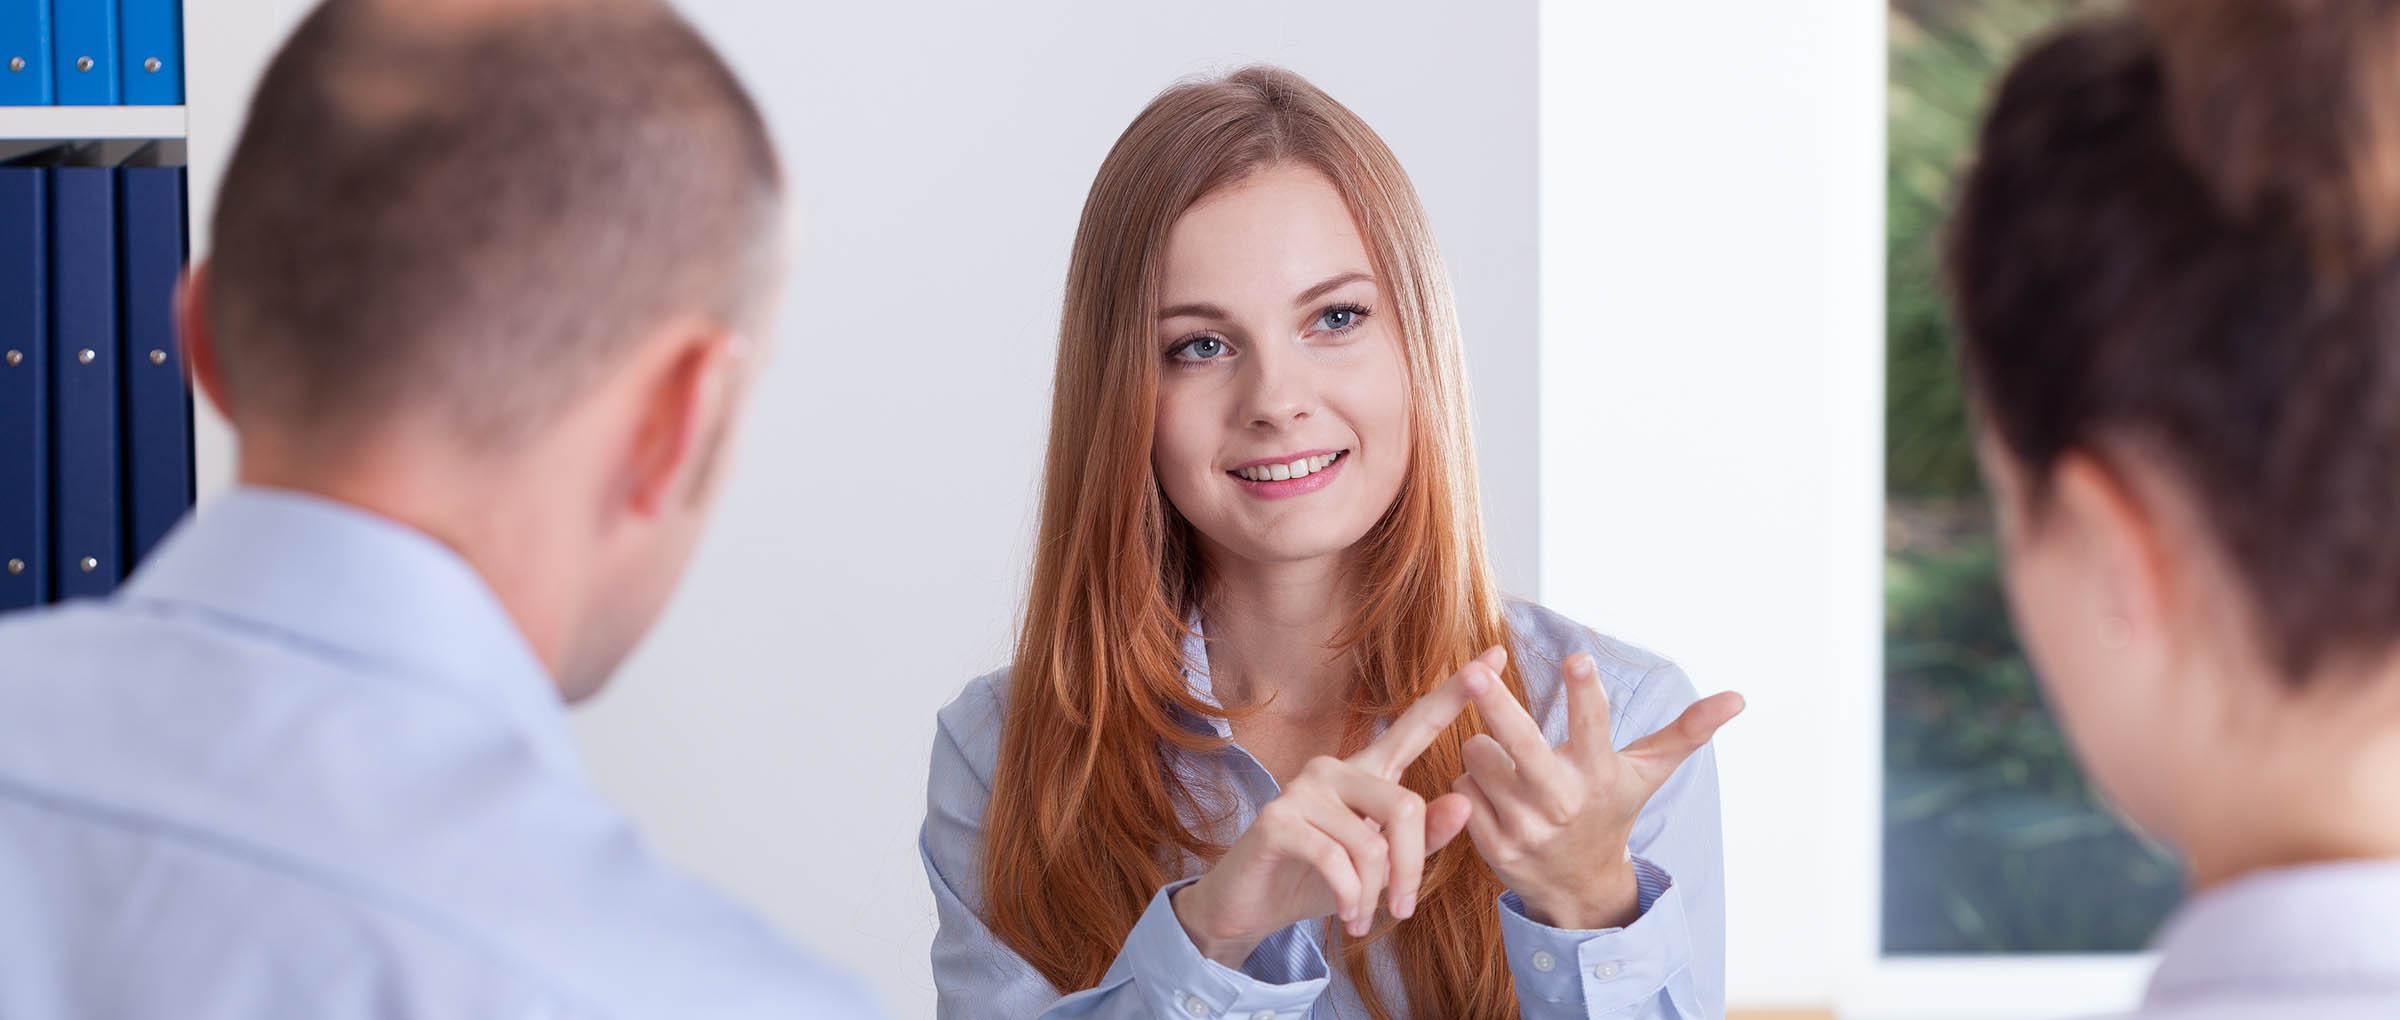 Asesoramiento legal para la gestación subrogada